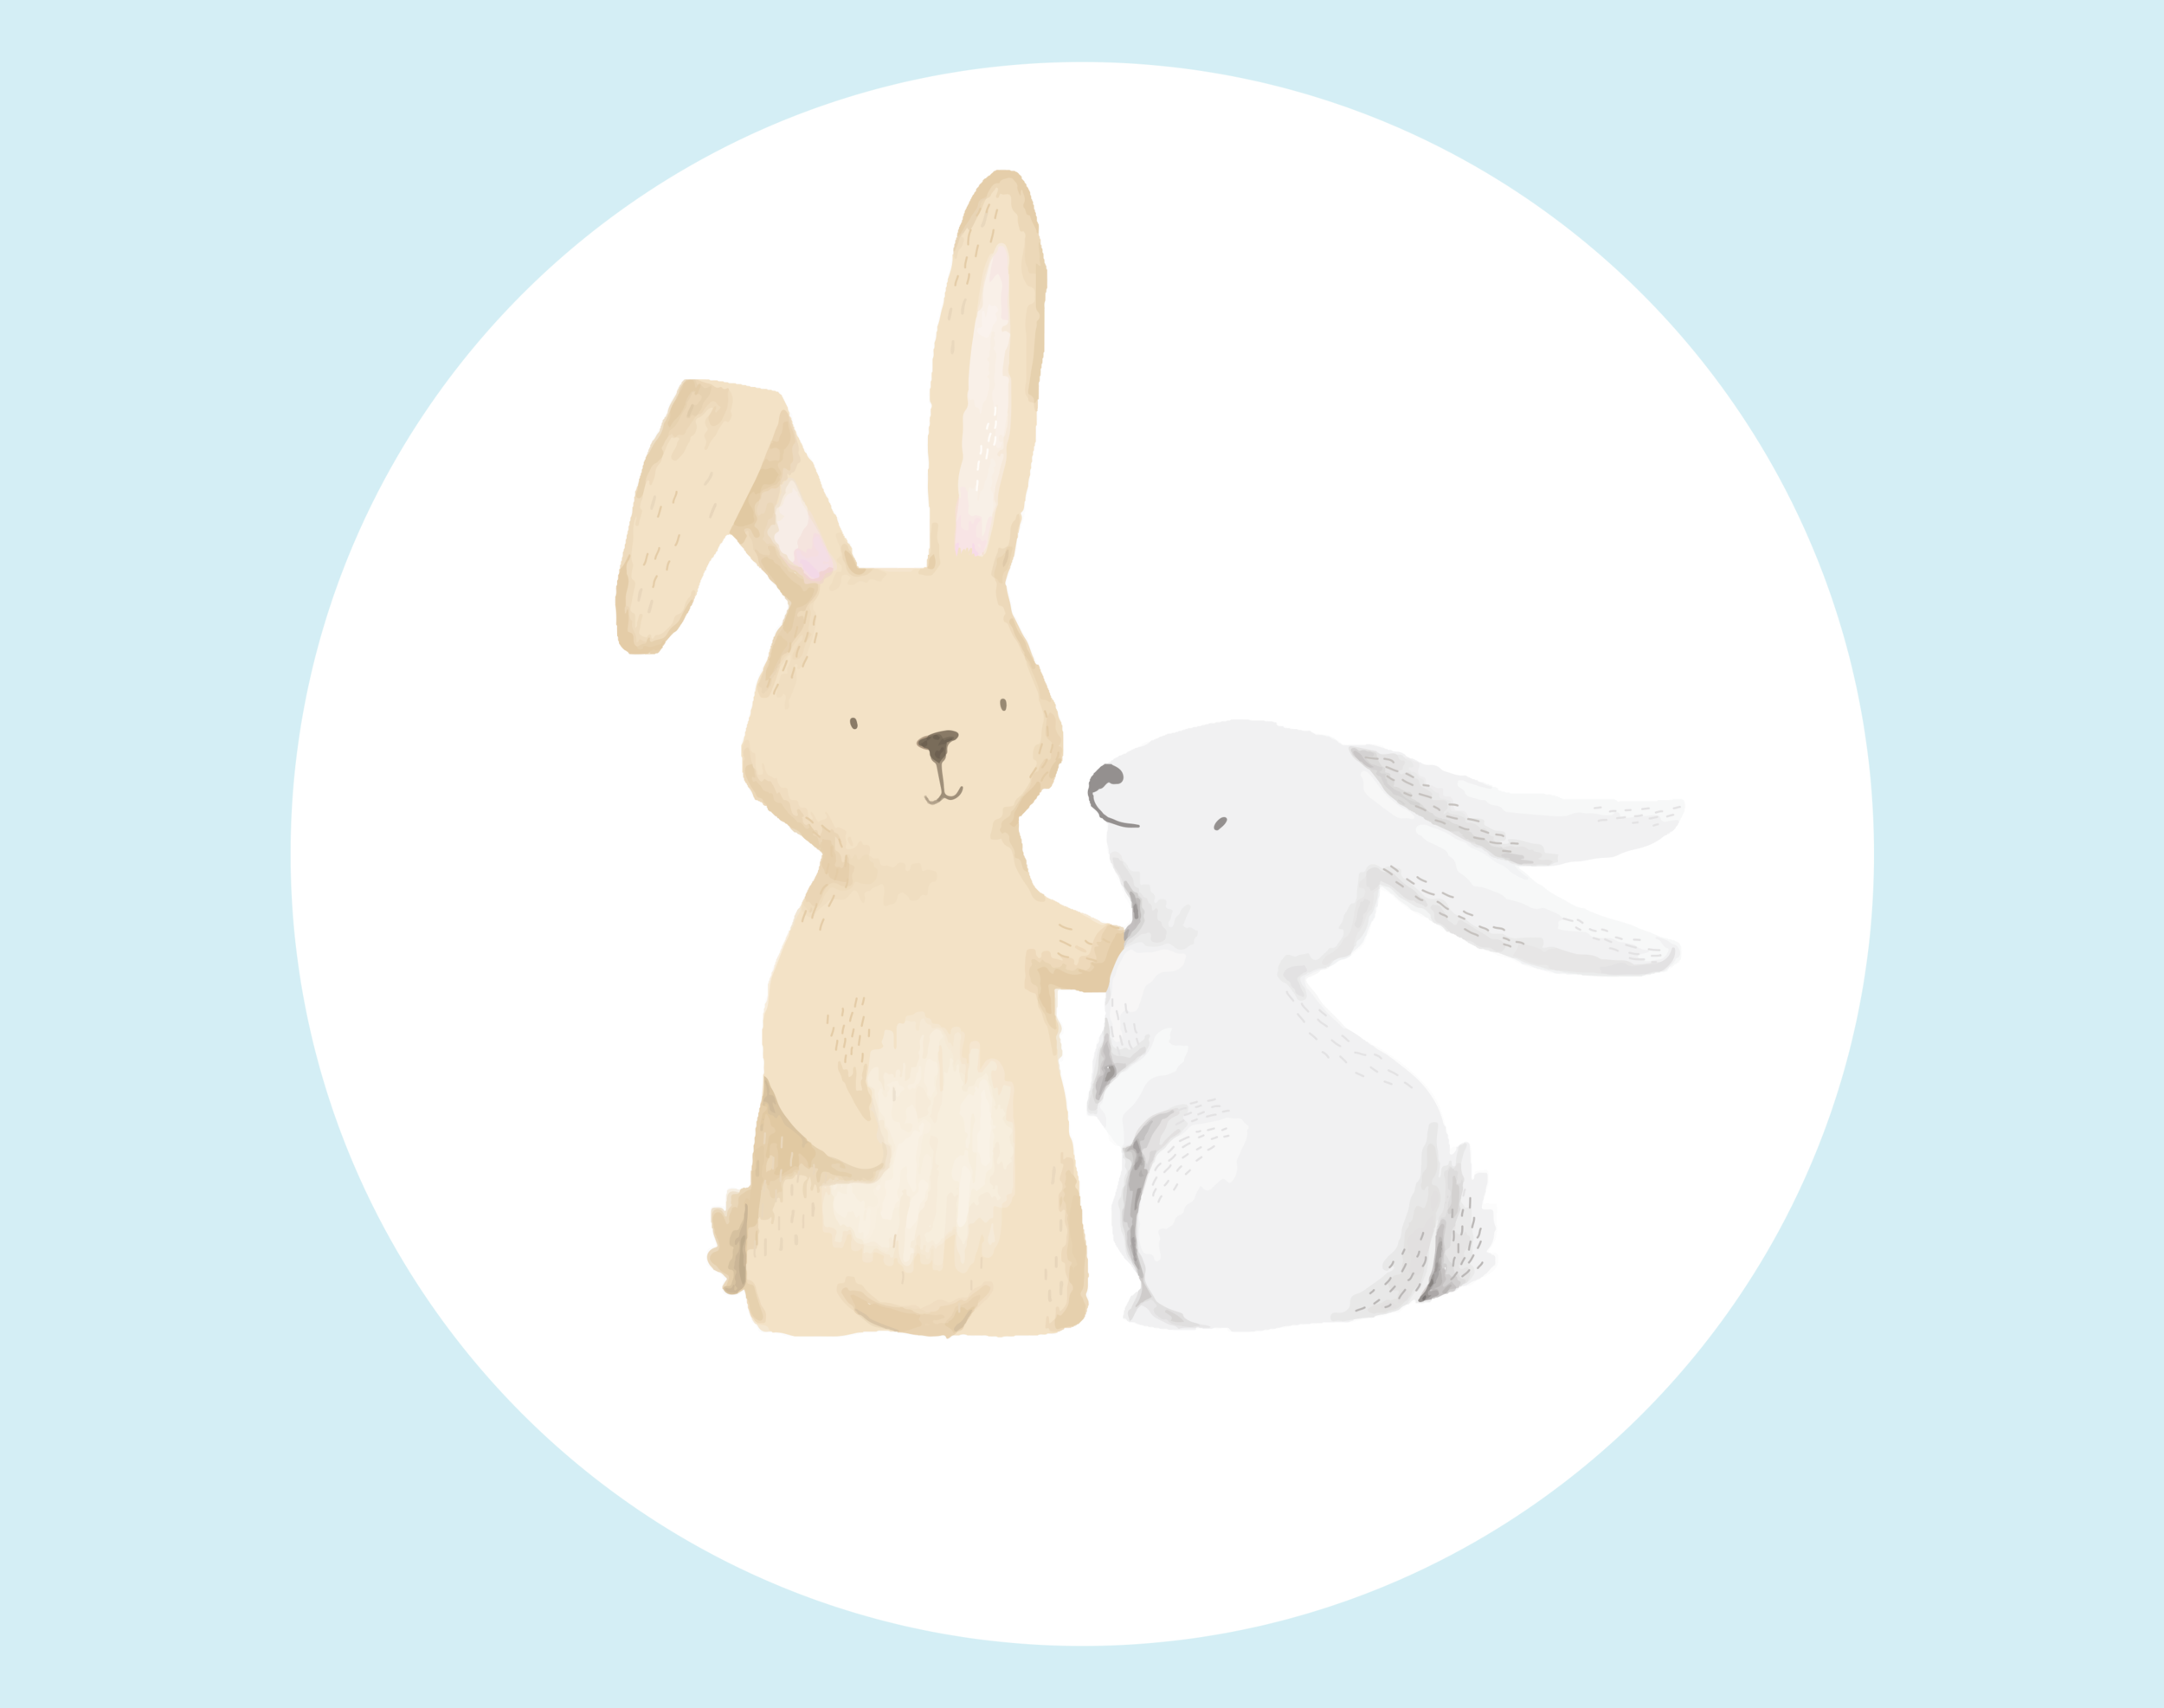 NUESTRoS VALORES - Mila y Vanila son dos conejas amigas que representan los valores que queremos enseñarles a los niños y niñas : determinación, independencia, amor por aprender, creatividad y solidaridad.